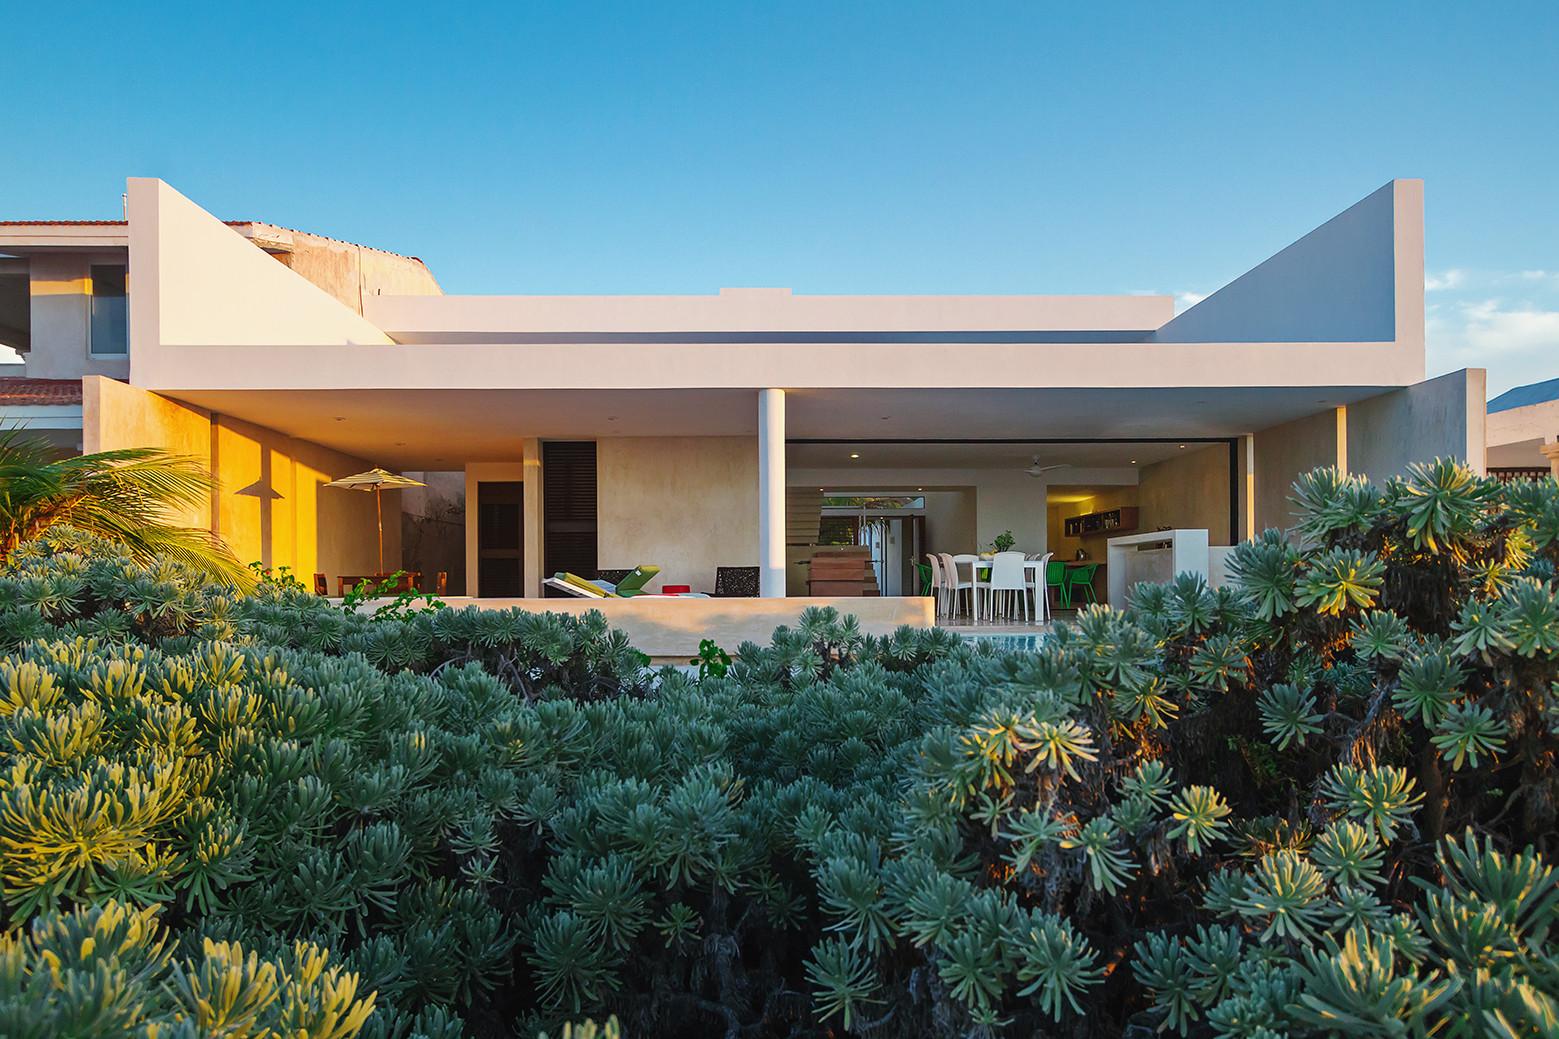 Casa ca as arquitectura plataforma arquitectura for Arquitectura casa